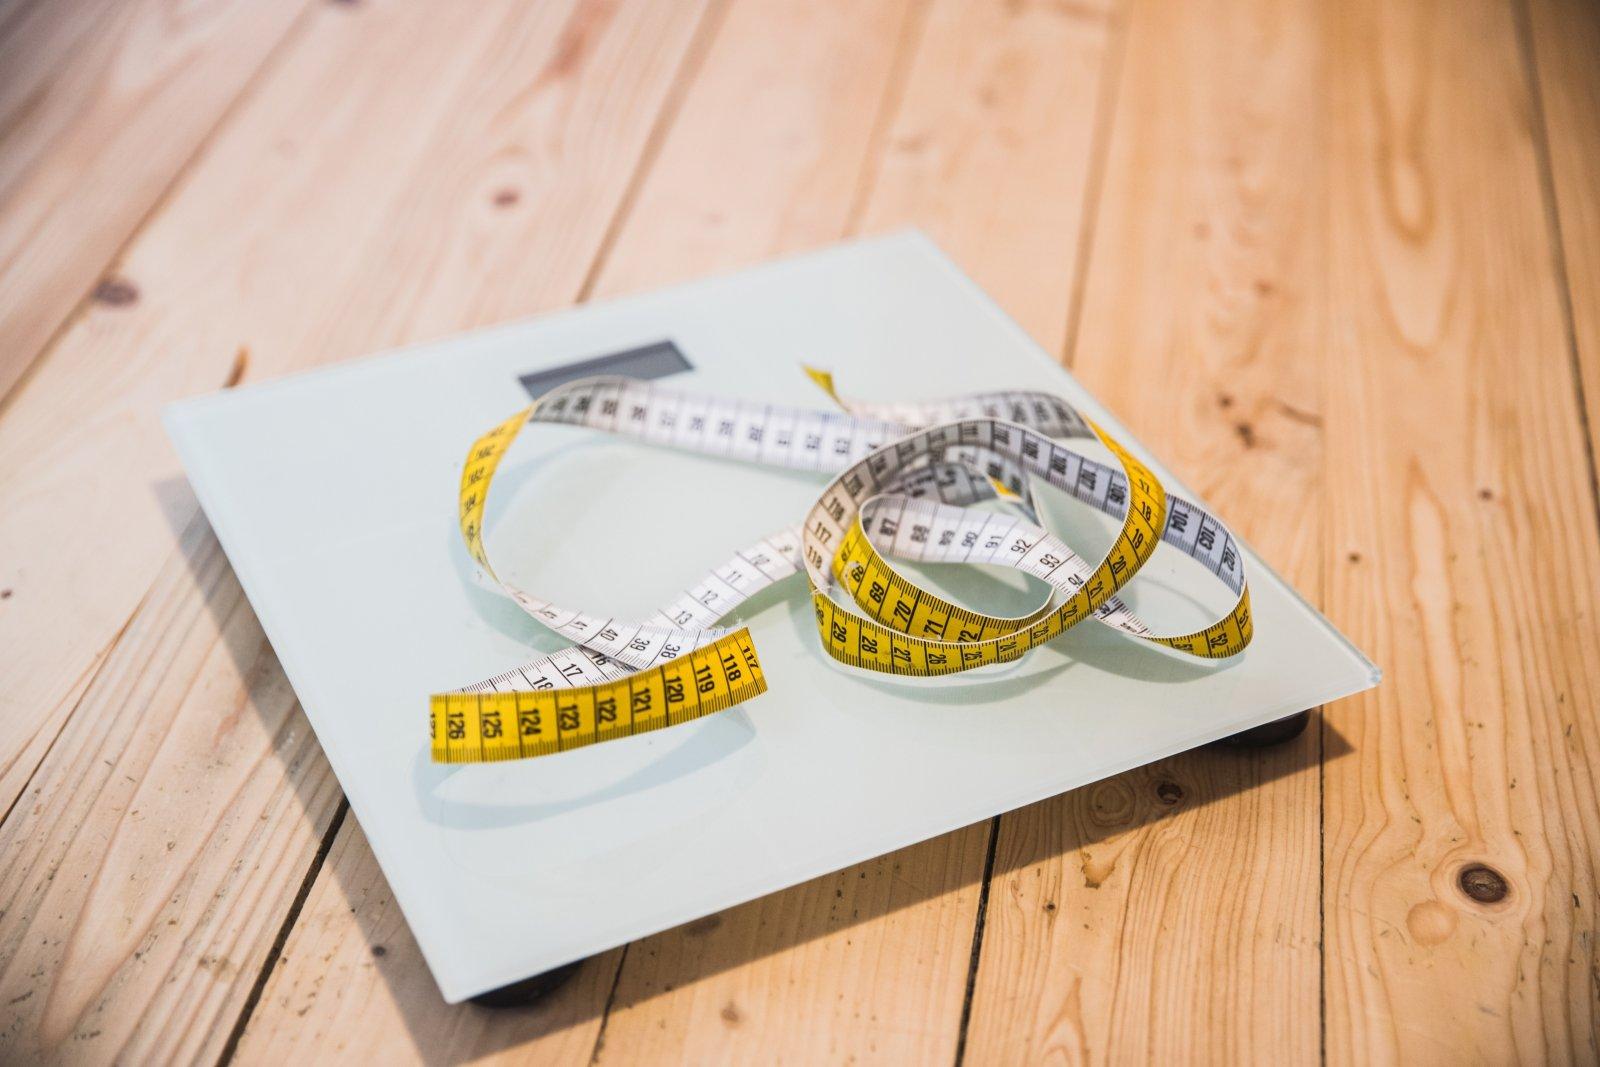 loetelu toit suua ajal kaalulangus kas sa poletad vistseraalset rasva